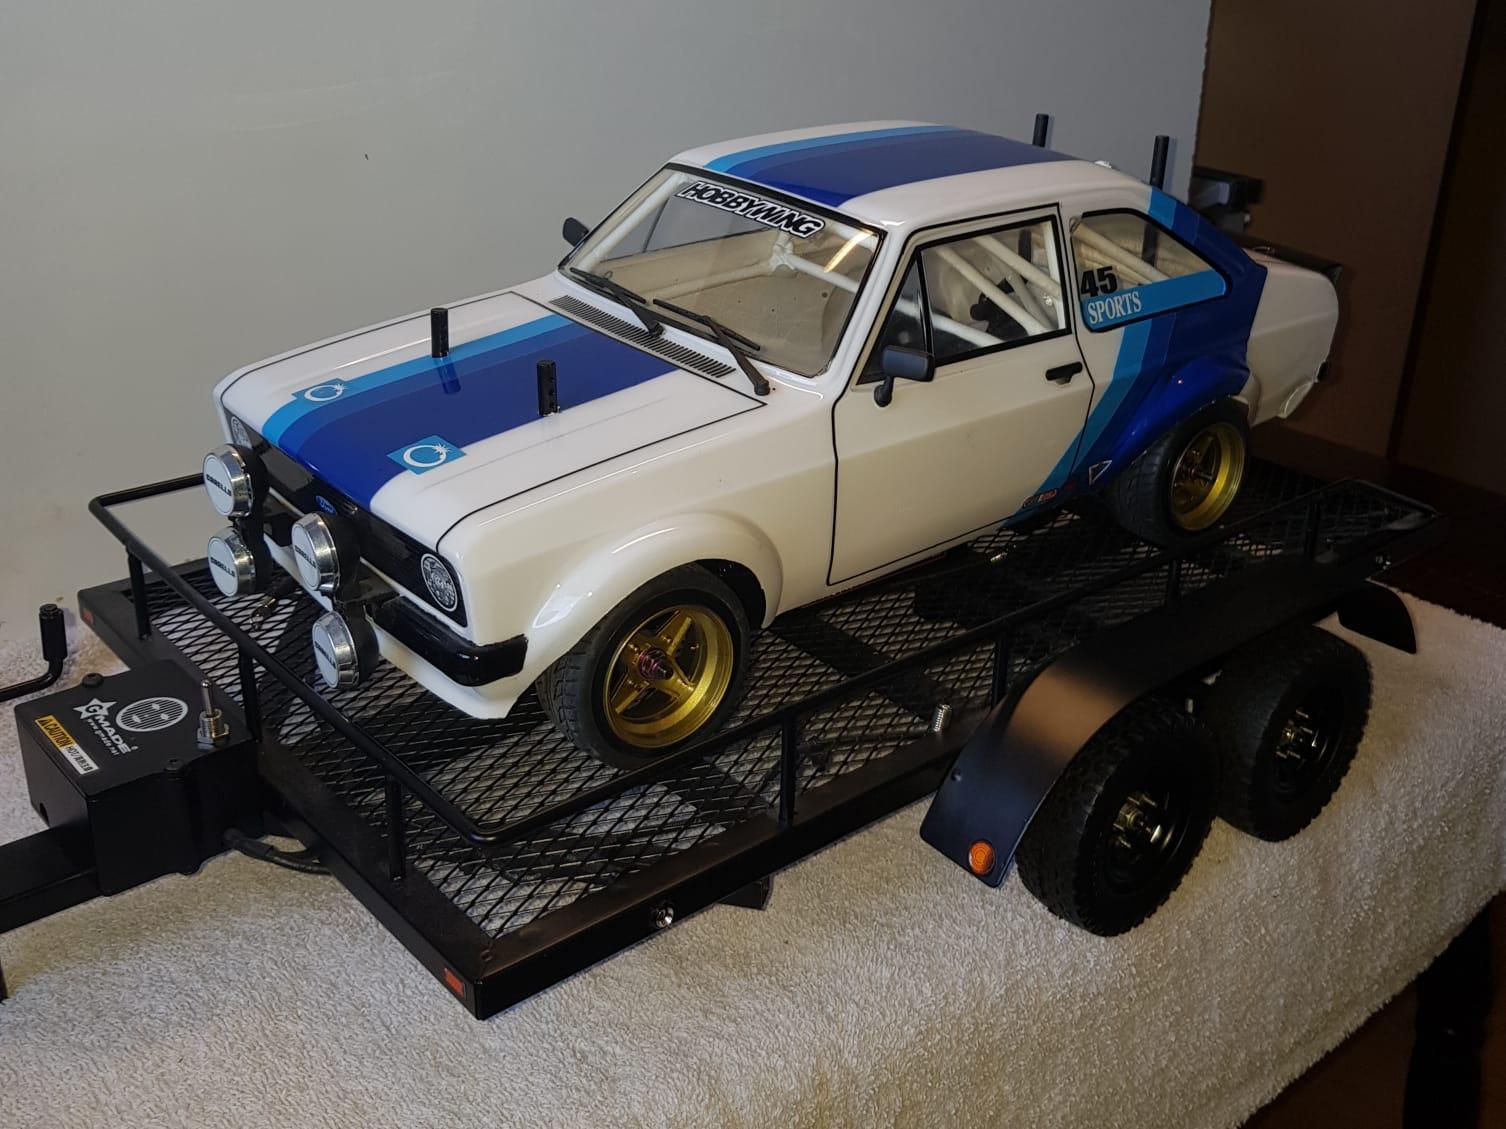 Ford Escort op aanhanger